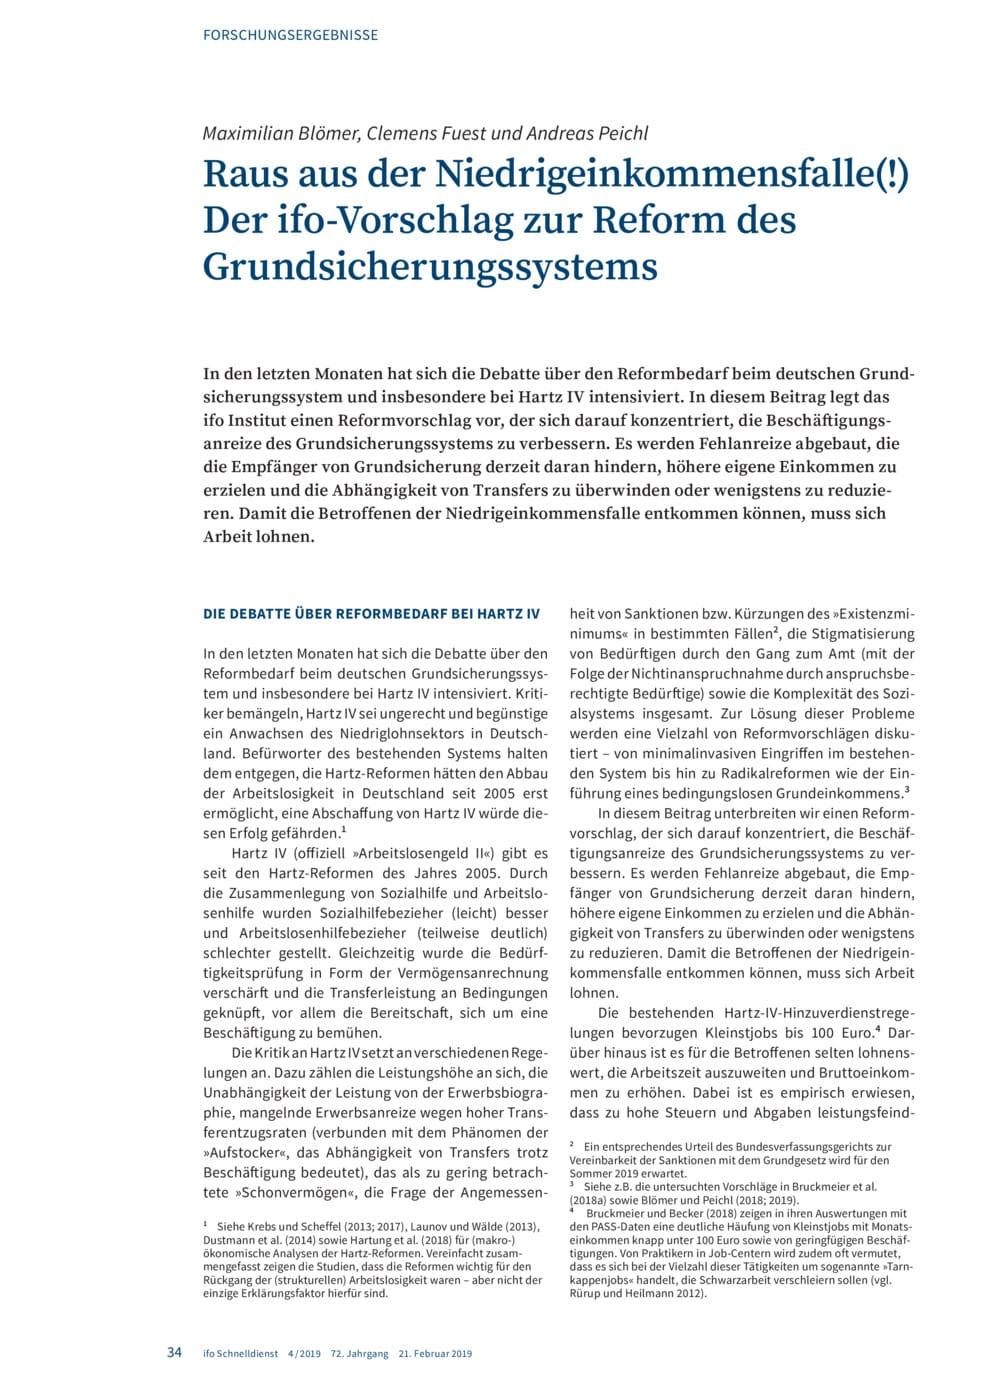 Raus aus der Niedrigeinkommensfalle(!) – Der ifo-Vorschlag